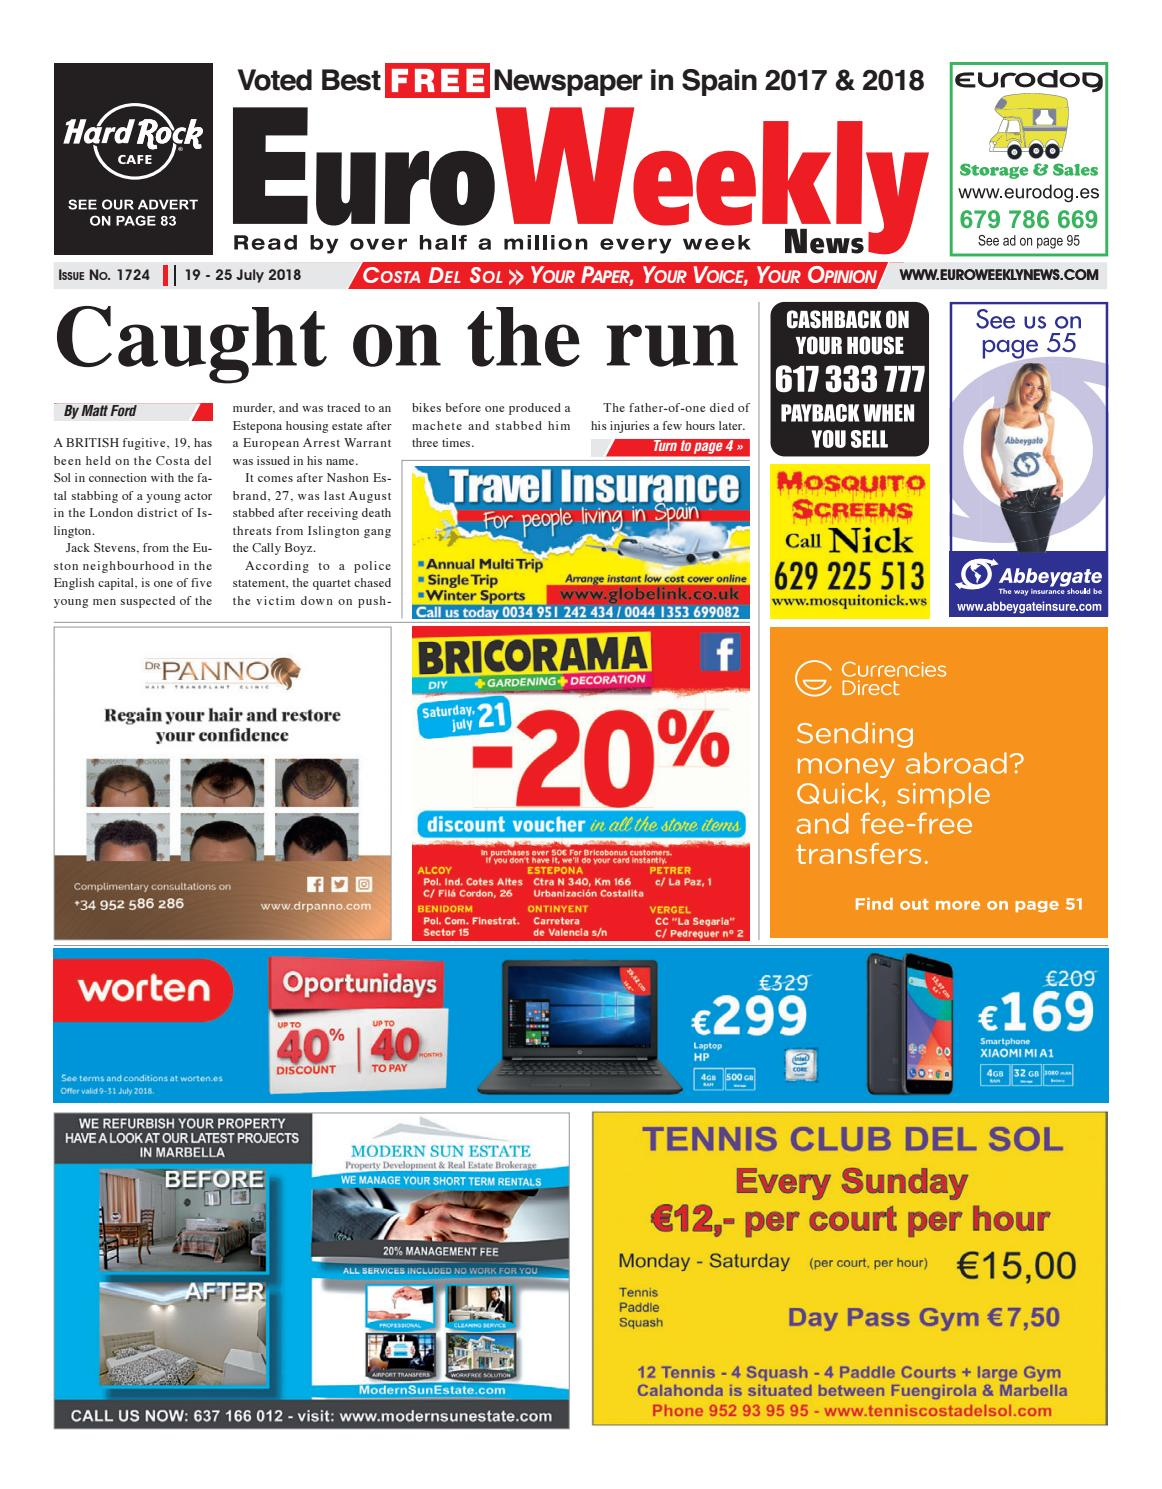 9efaaf0ebd20 Euro Weekly News - Costa del Sol 19 - 25 July 2018 Issue 1724 by ...